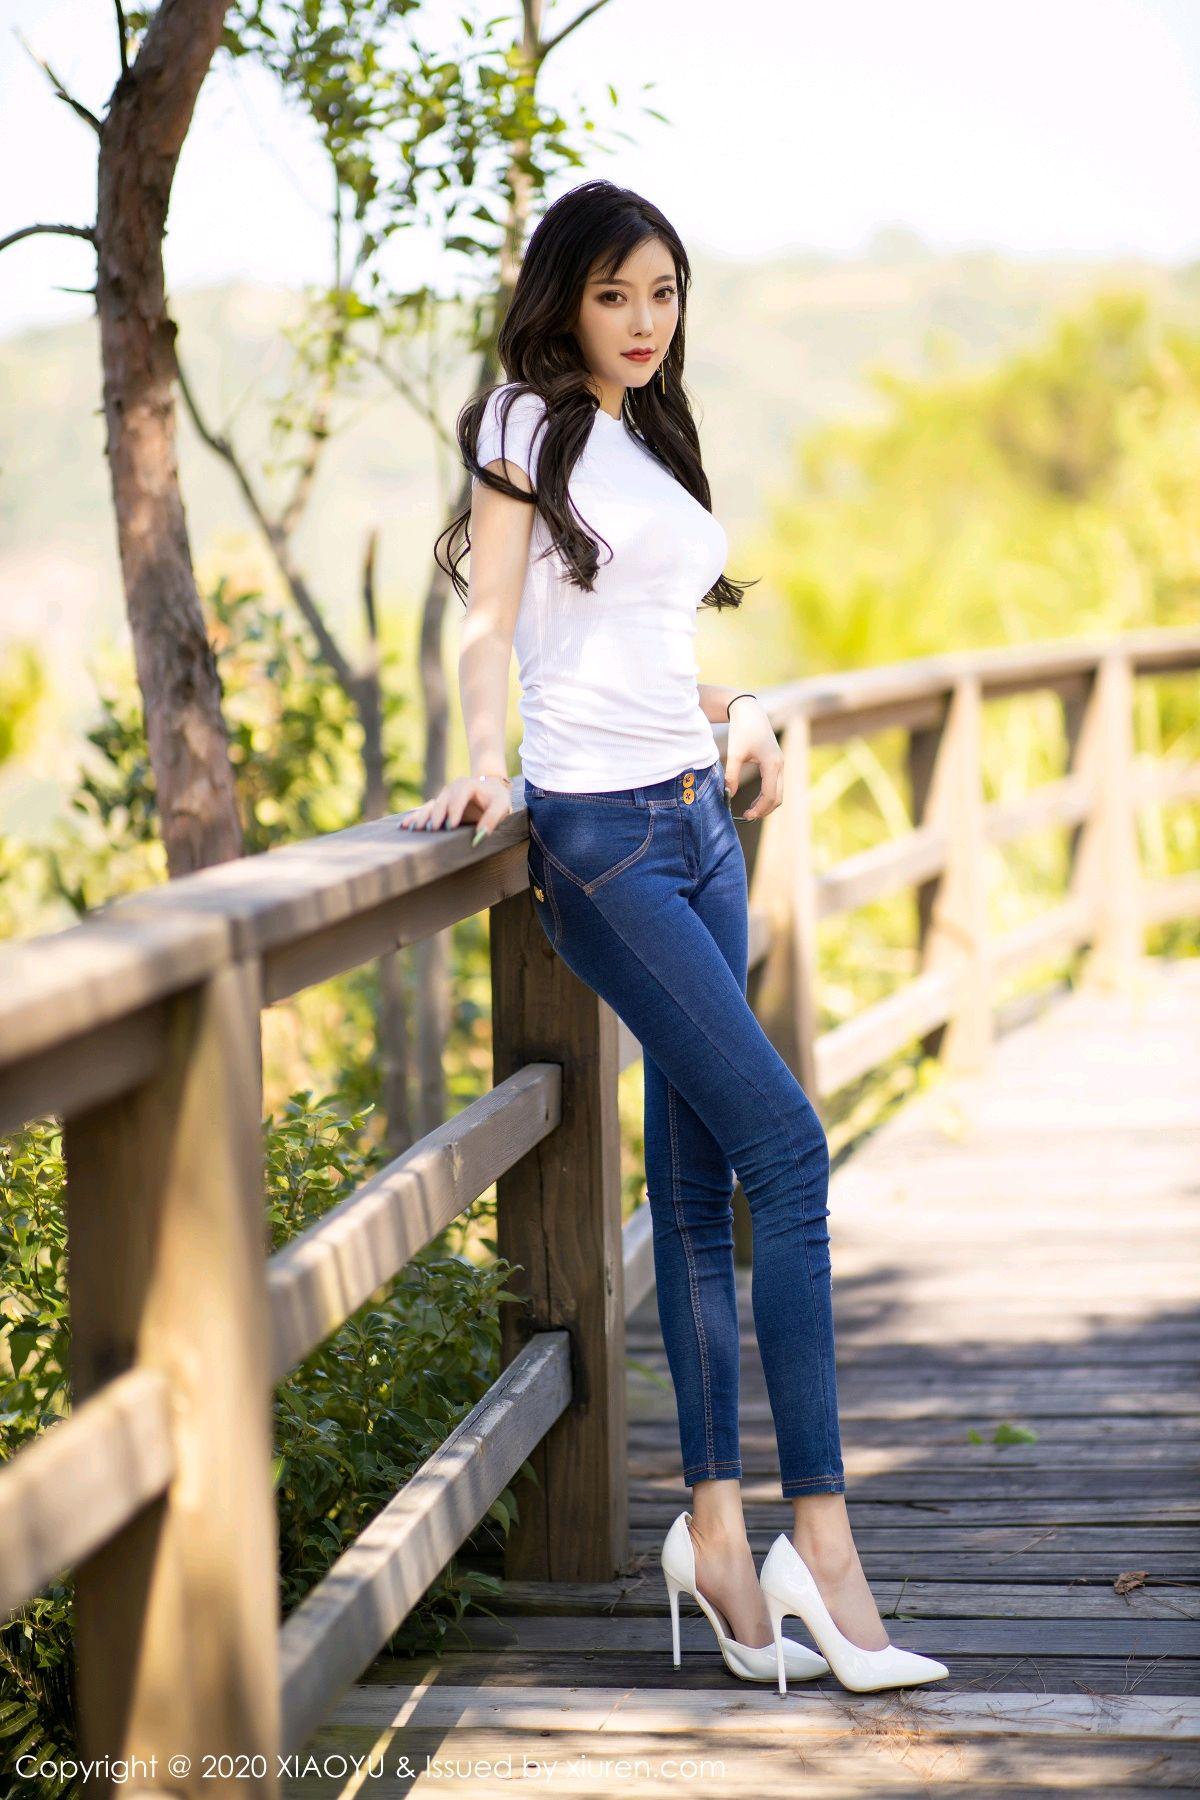 [XiaoYu] Vol.300 Yang Chen Chen 5P, Underwear, XiaoYu, Yang Chen Chen